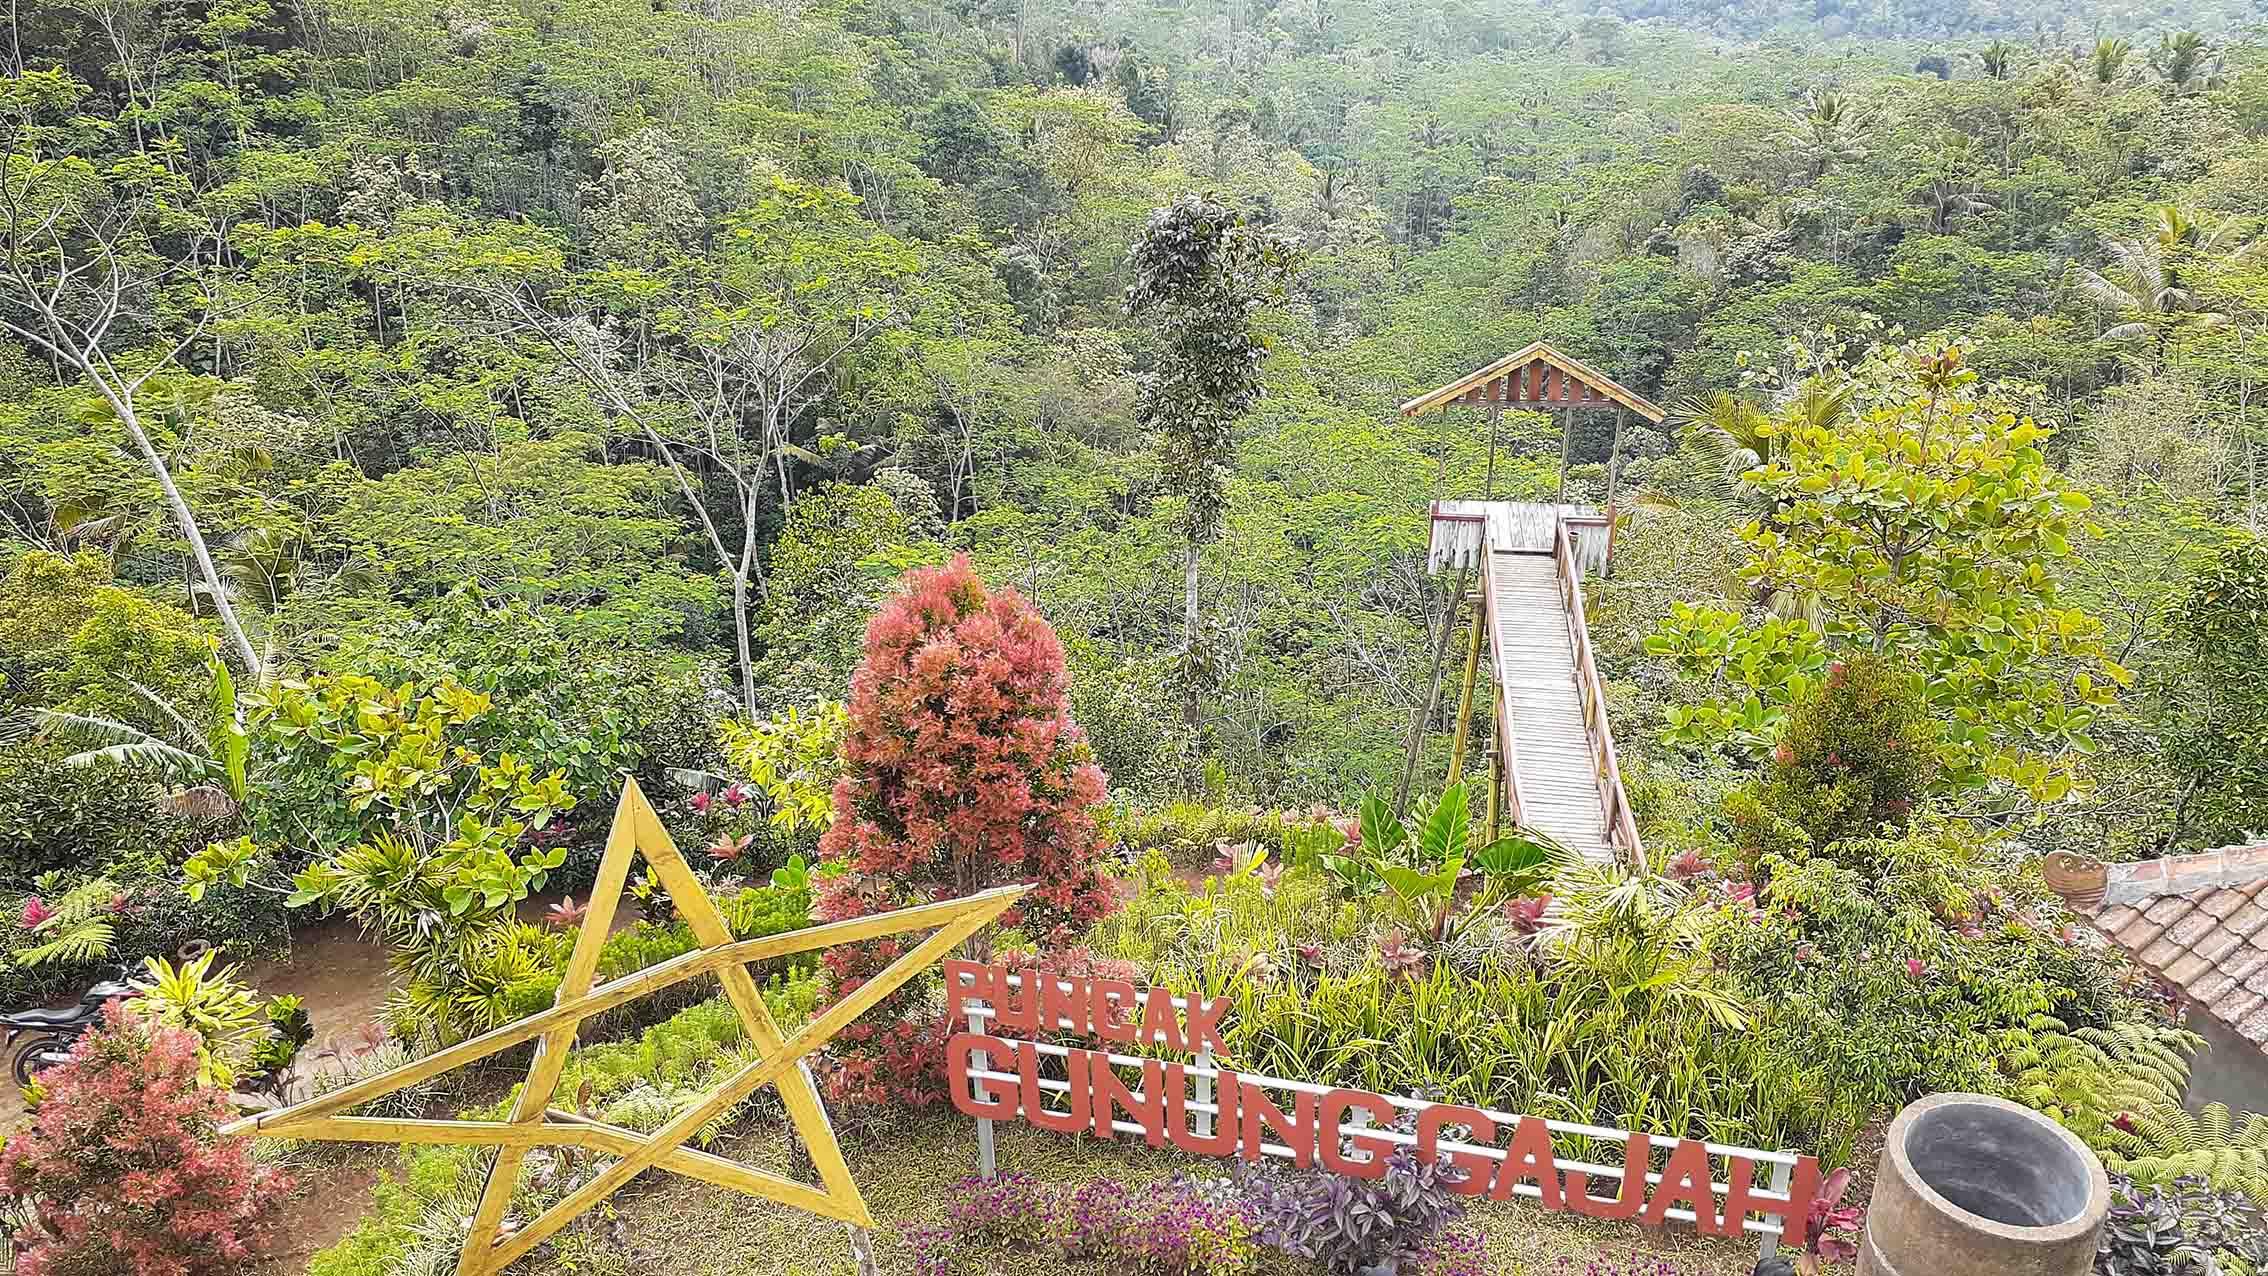 Bertetangga dengan Yogyakarta, Purworejo Miliki Desa Wisata Pandanrejo yang Tak Kalah Indah